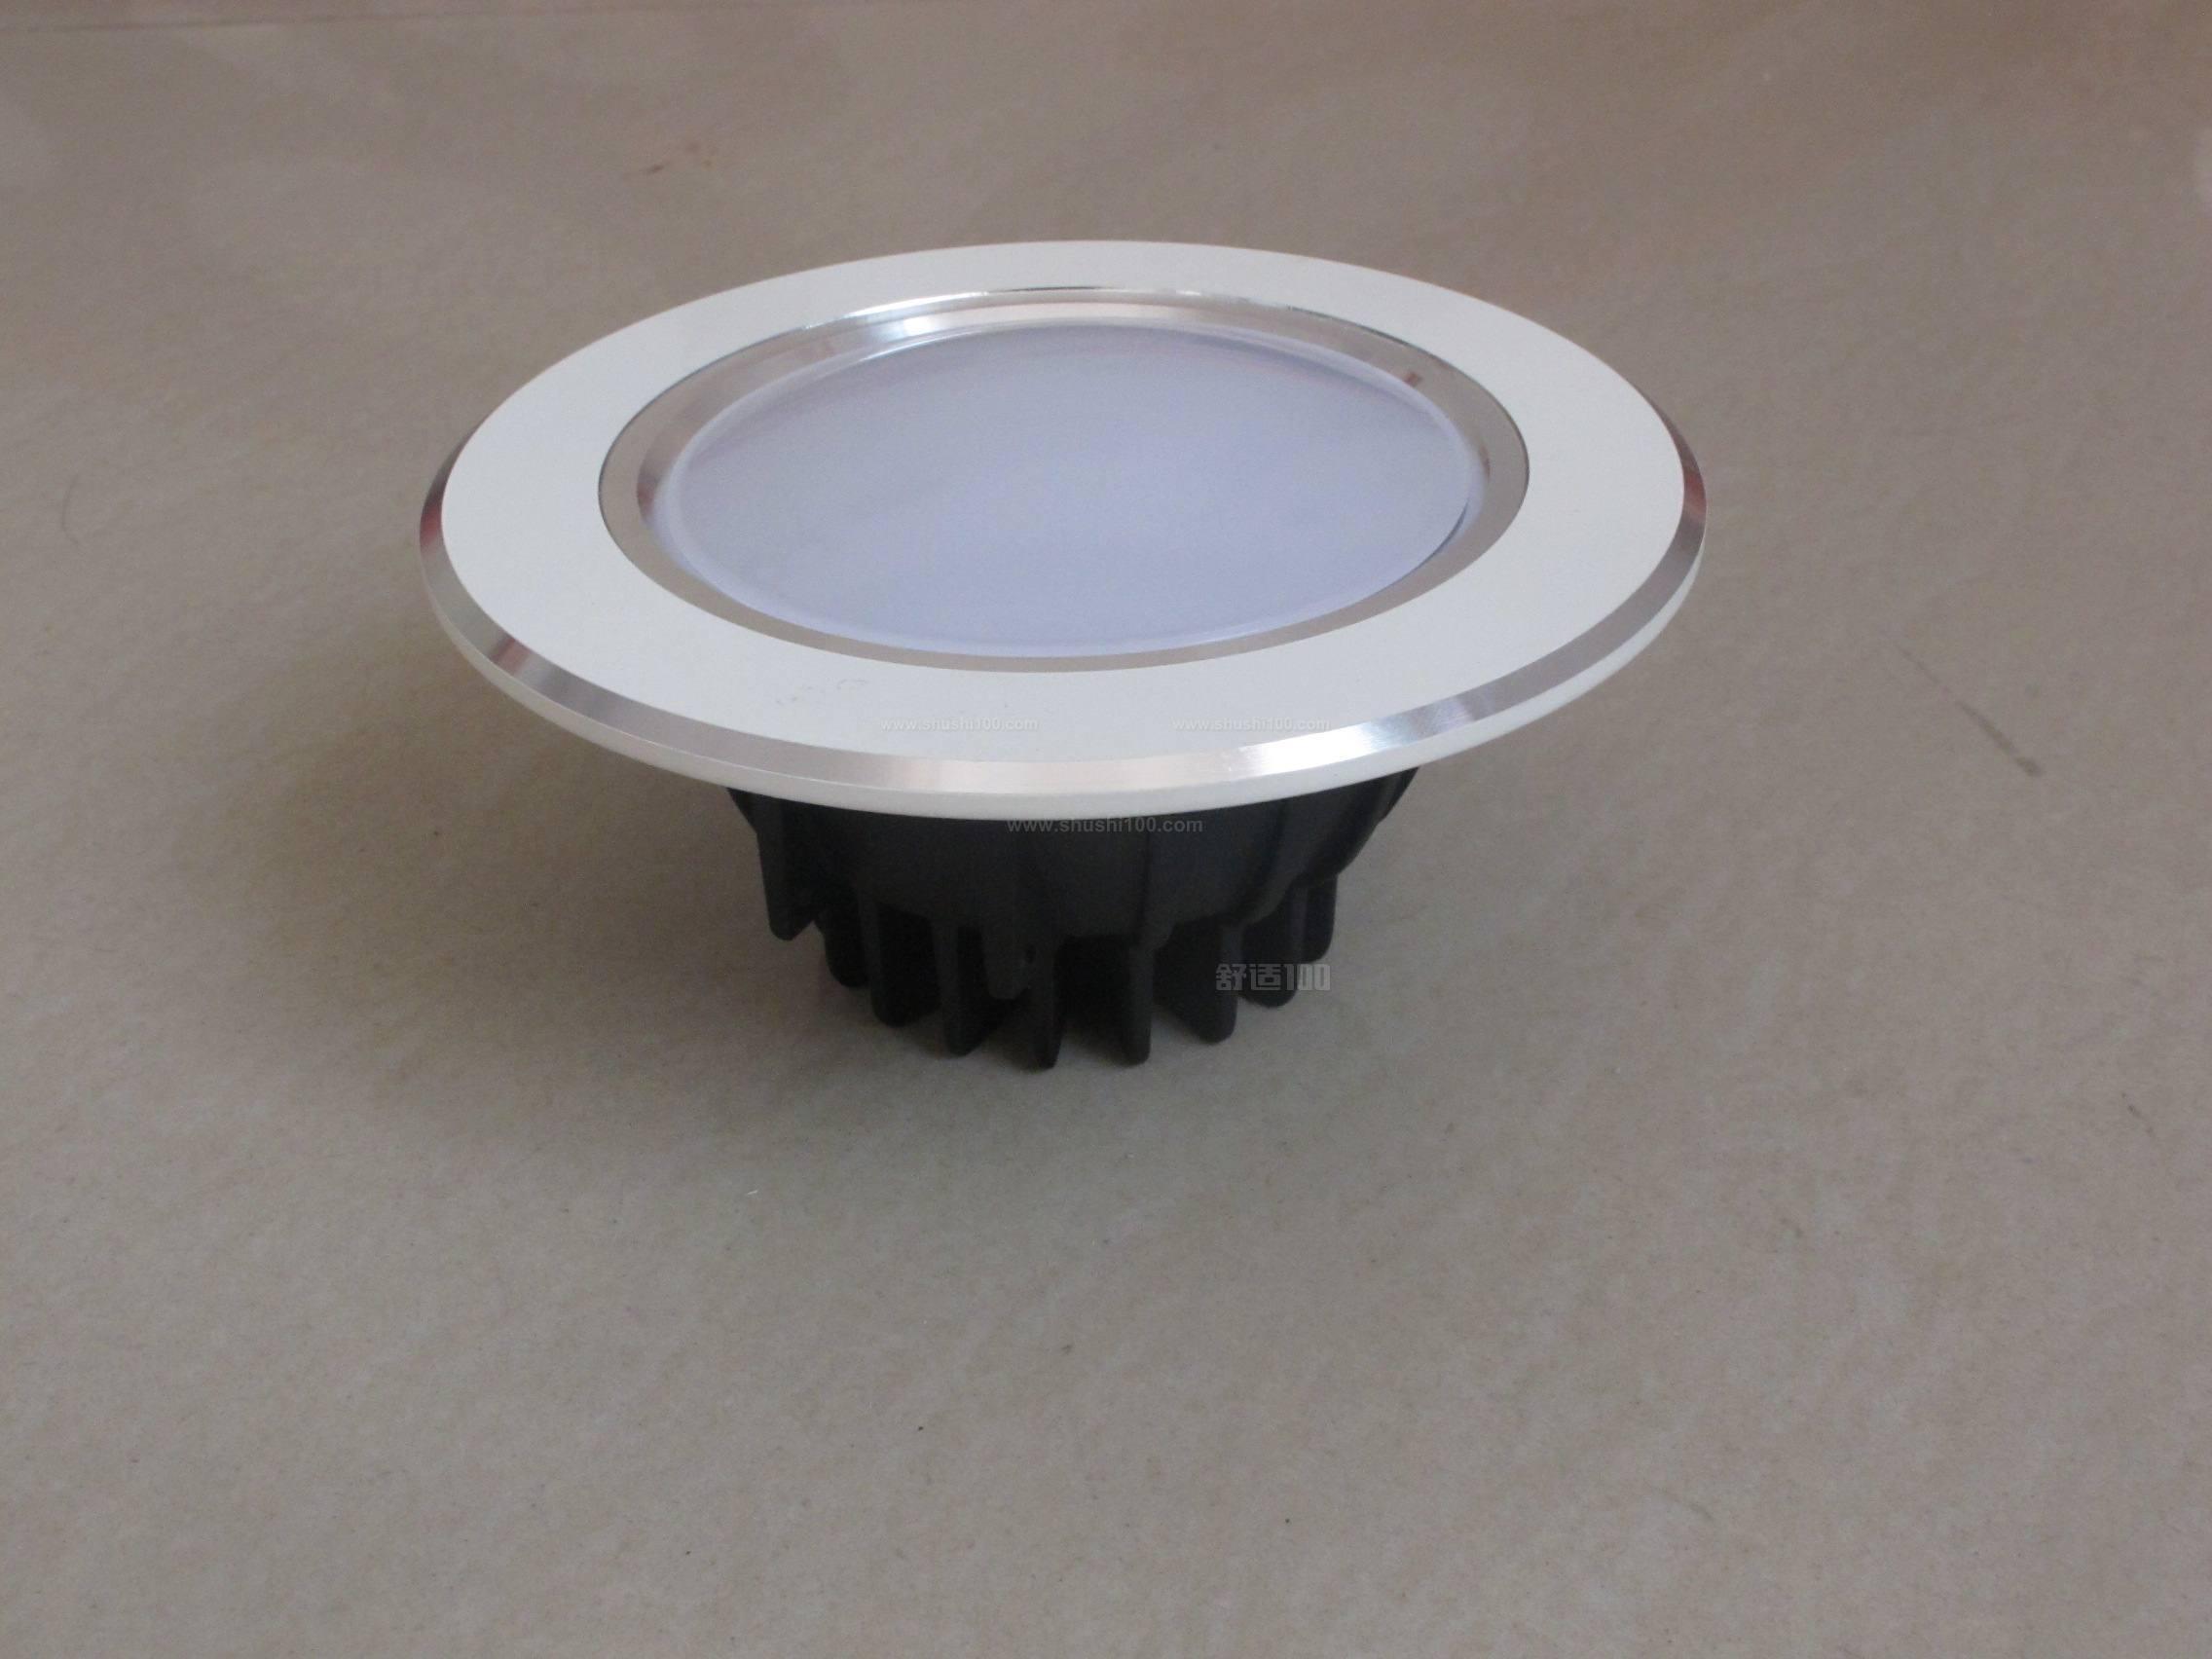 筒灯怎么拆卸—筒灯的拆卸安装技巧